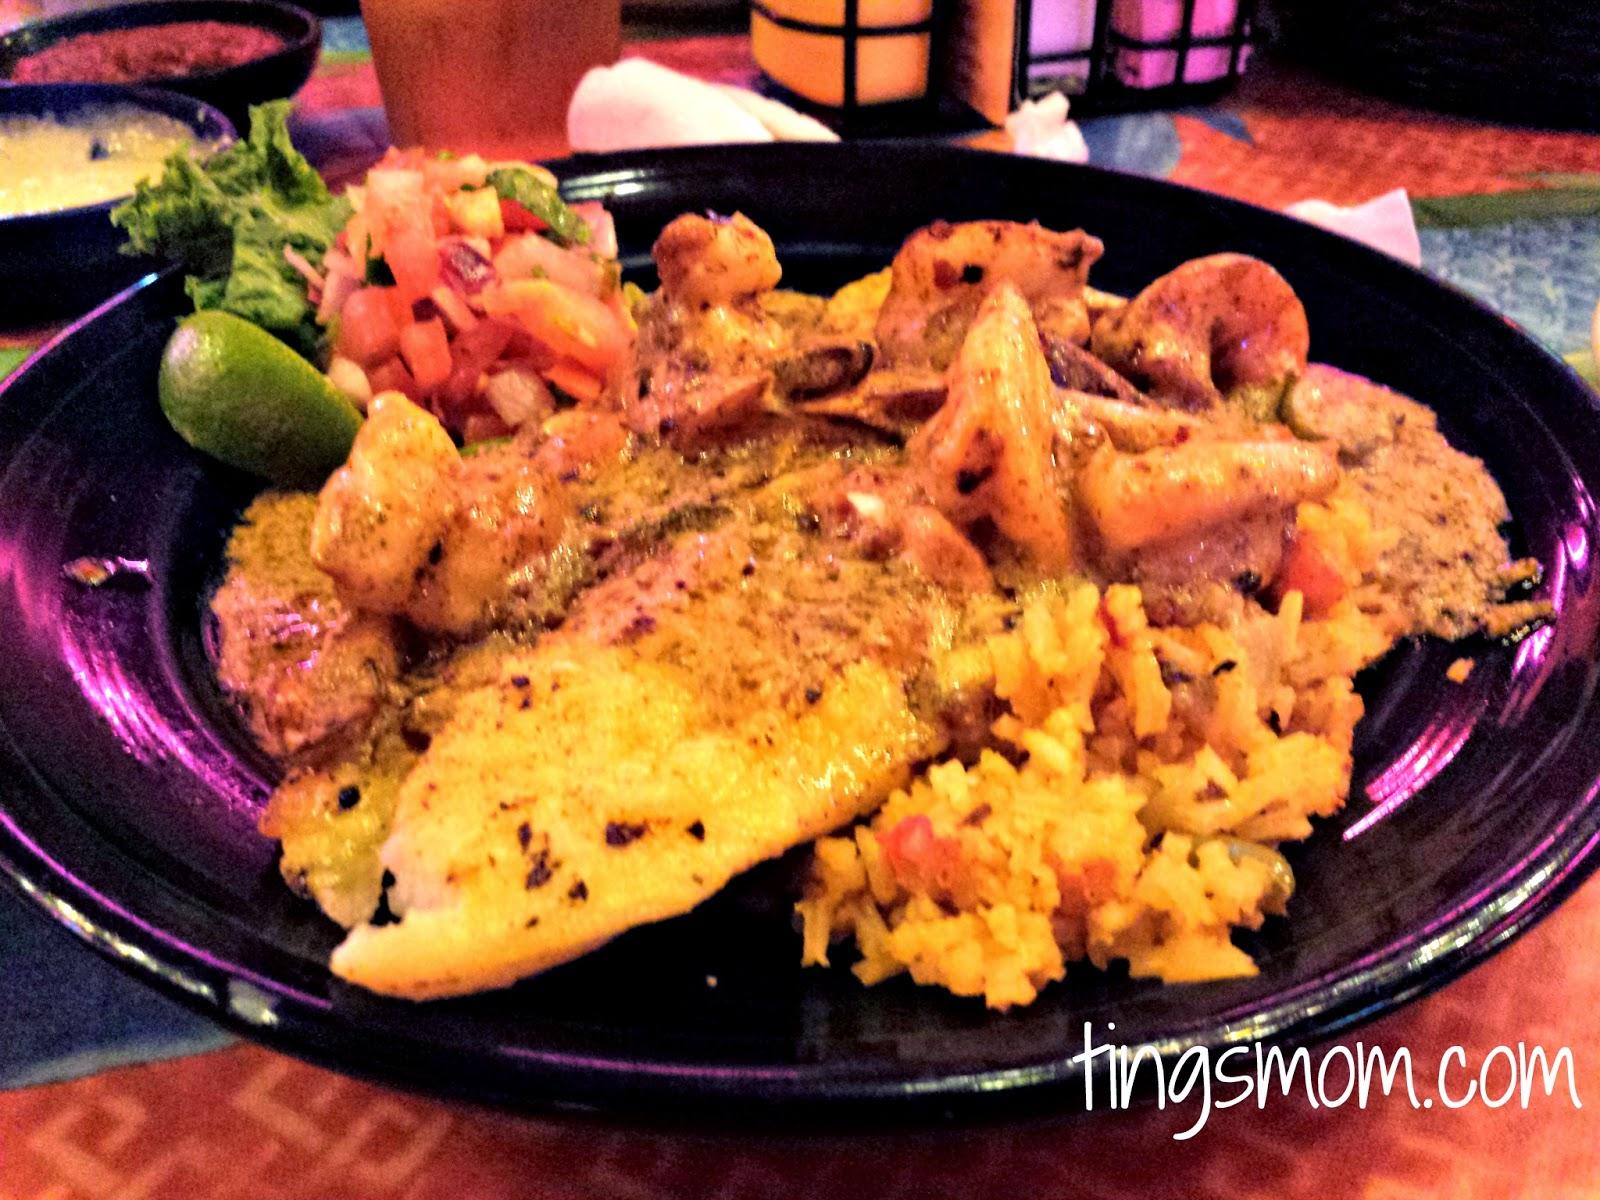 Vacation Eats | #familyvaca2014 #goodeats #vacationfood